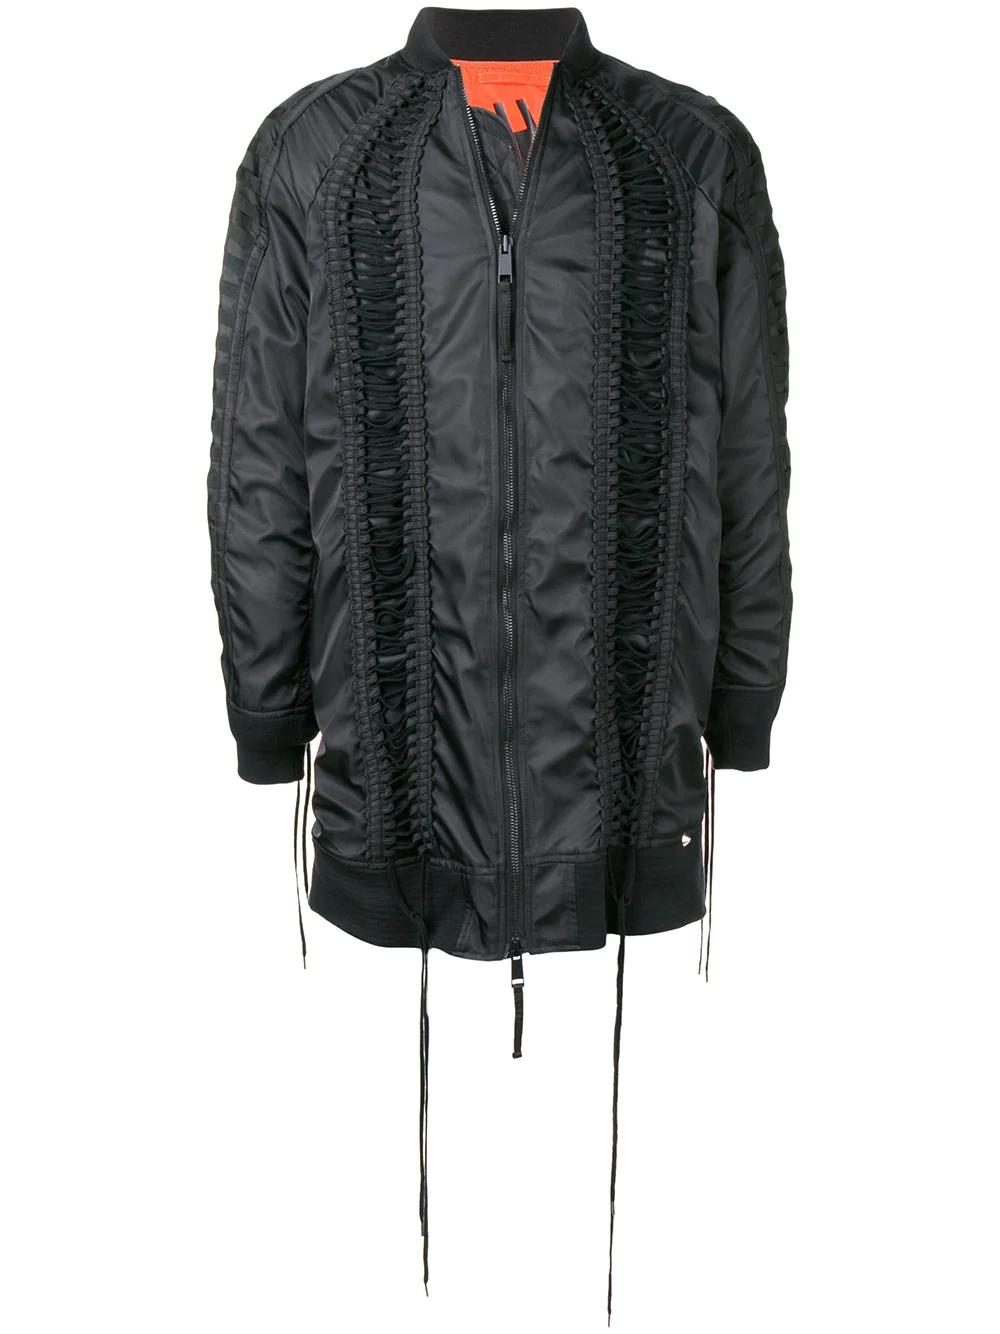 Ktz Long Lace Bomber Jacket - Black In Black                                                    Solid Brown Lenses